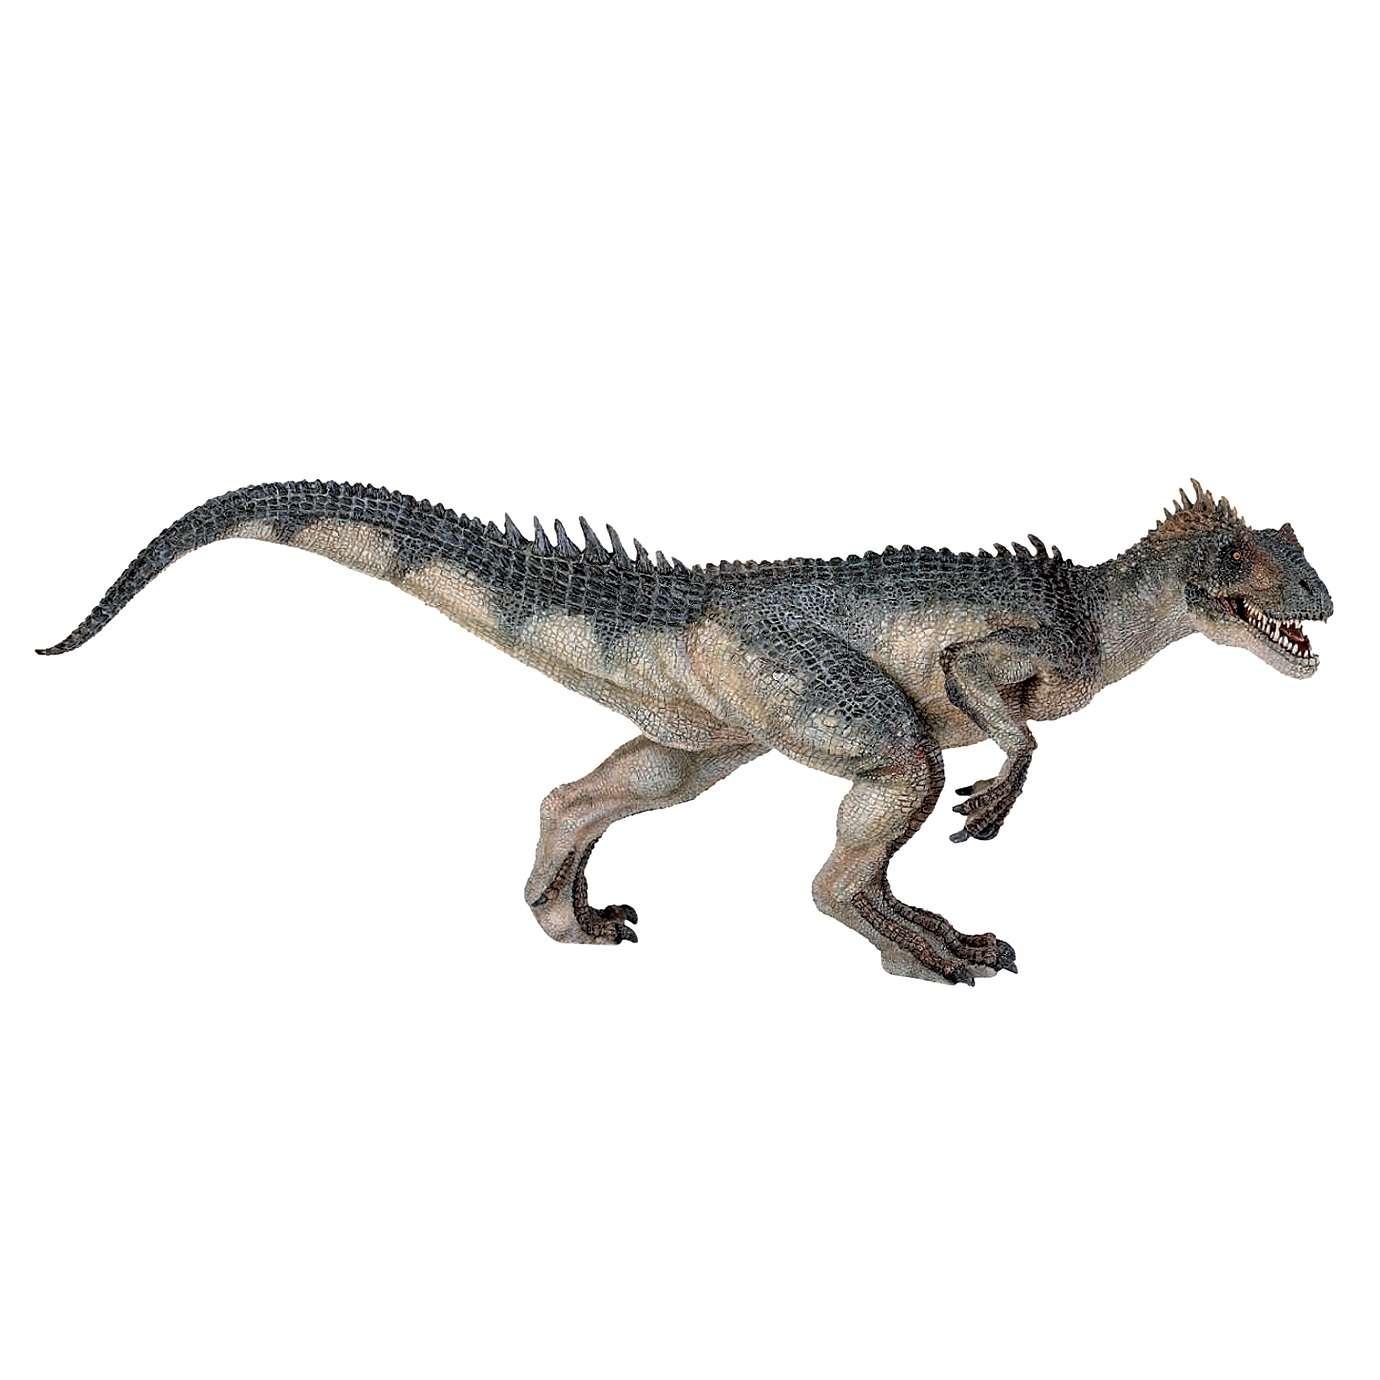 Animal Figure: Dinosaur - Allosaurus, 55016 Photo